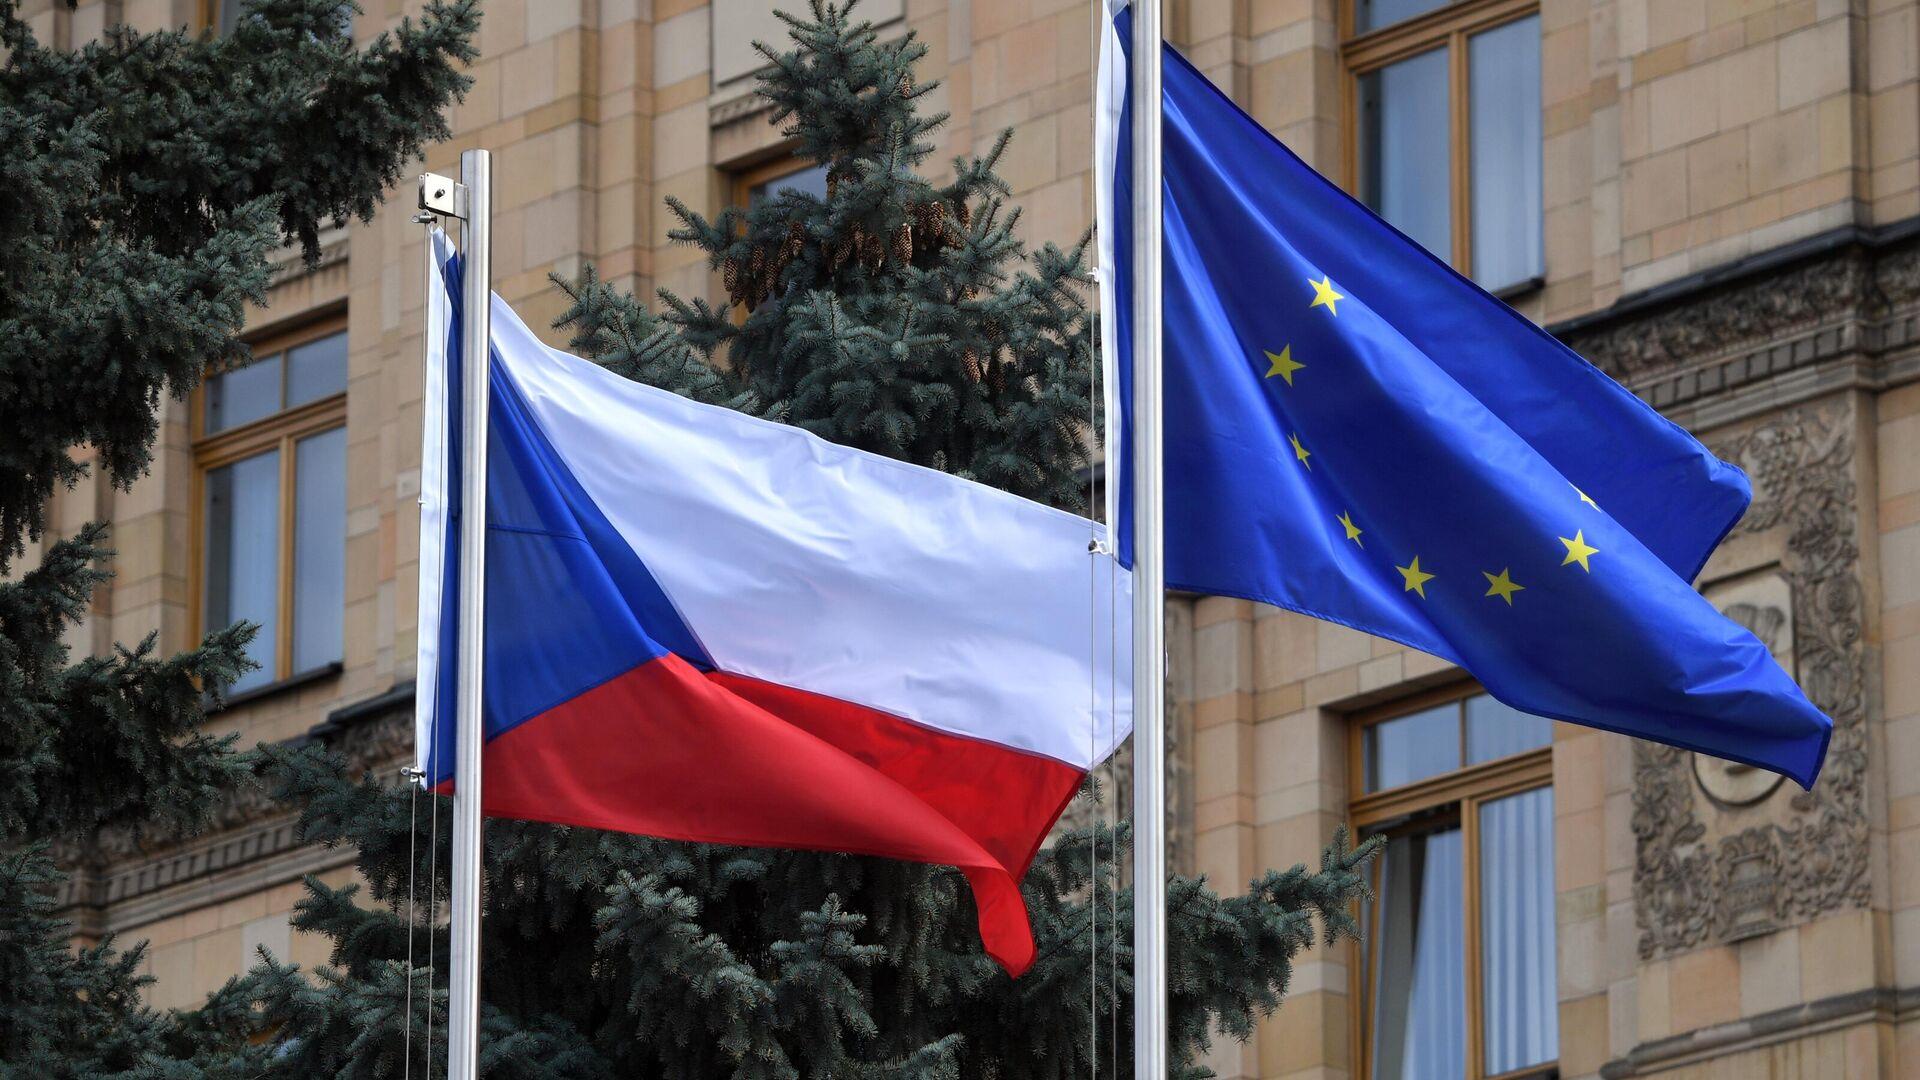 Флаги Чешской Республики и Евросоюза на территории посольства Чехии в Москве - РИА Новости, 1920, 20.04.2021